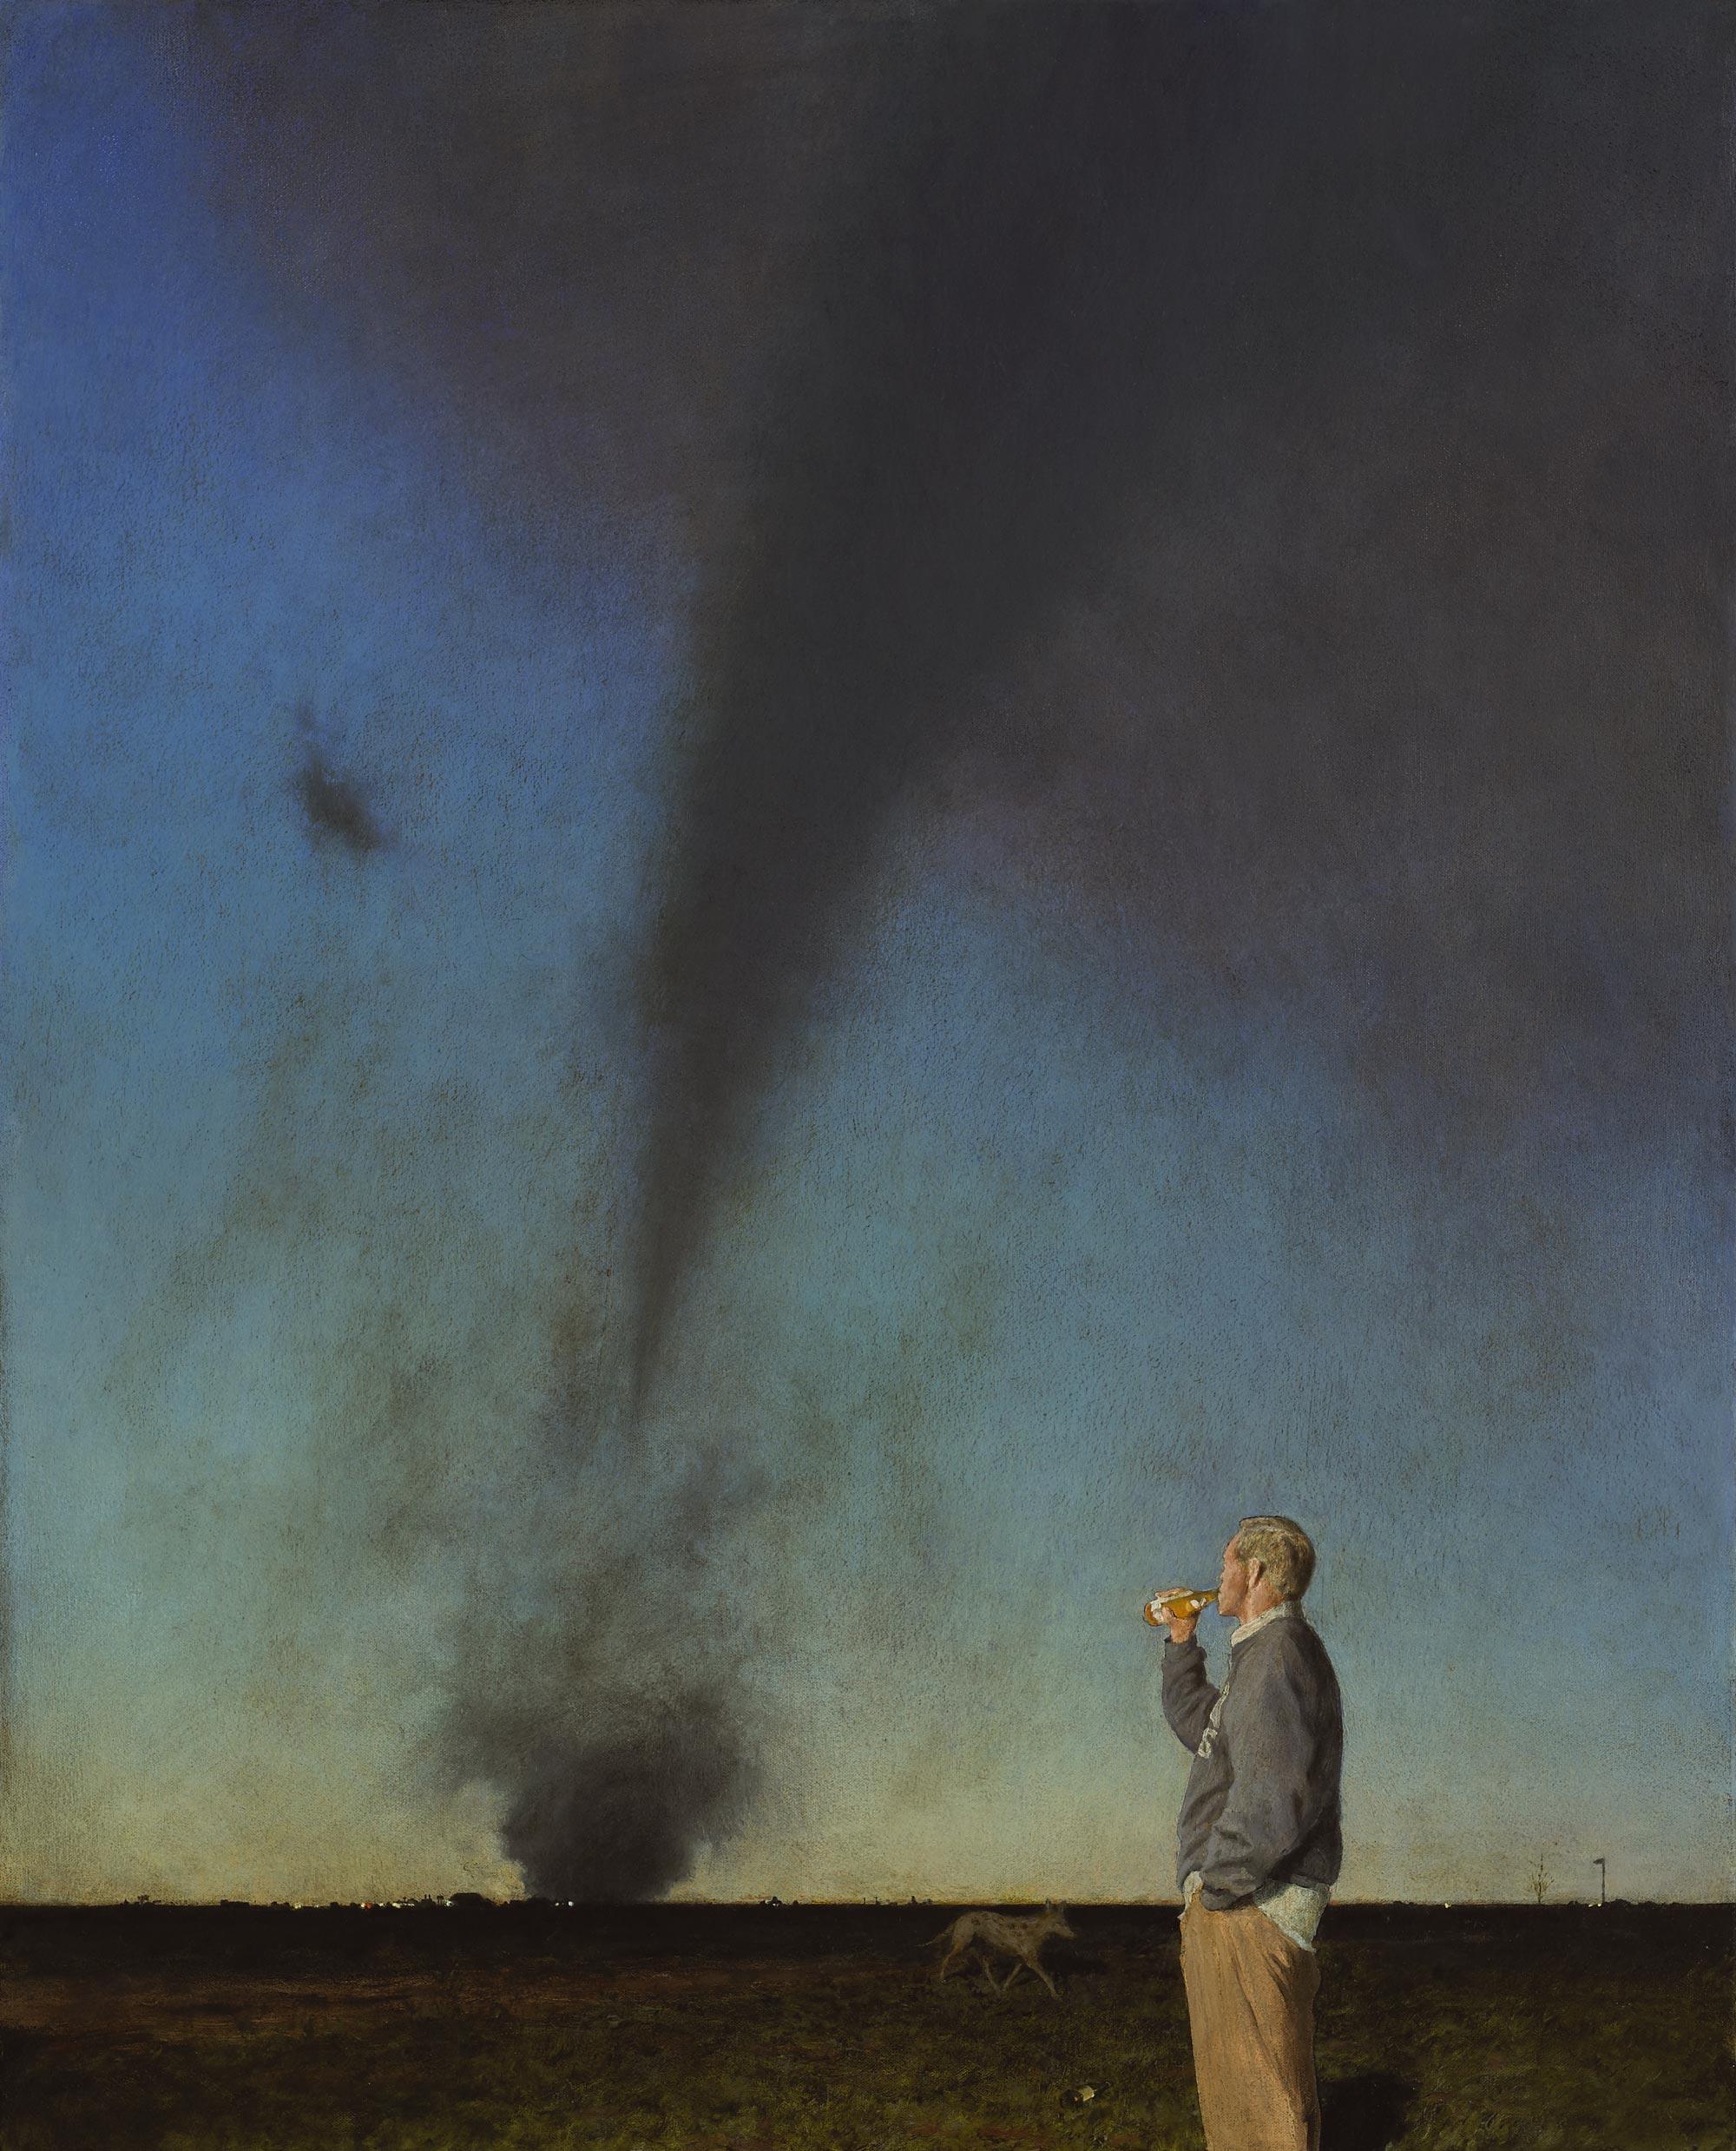 Jerk in a Field, 36 x 29, oil on canvas, 2008